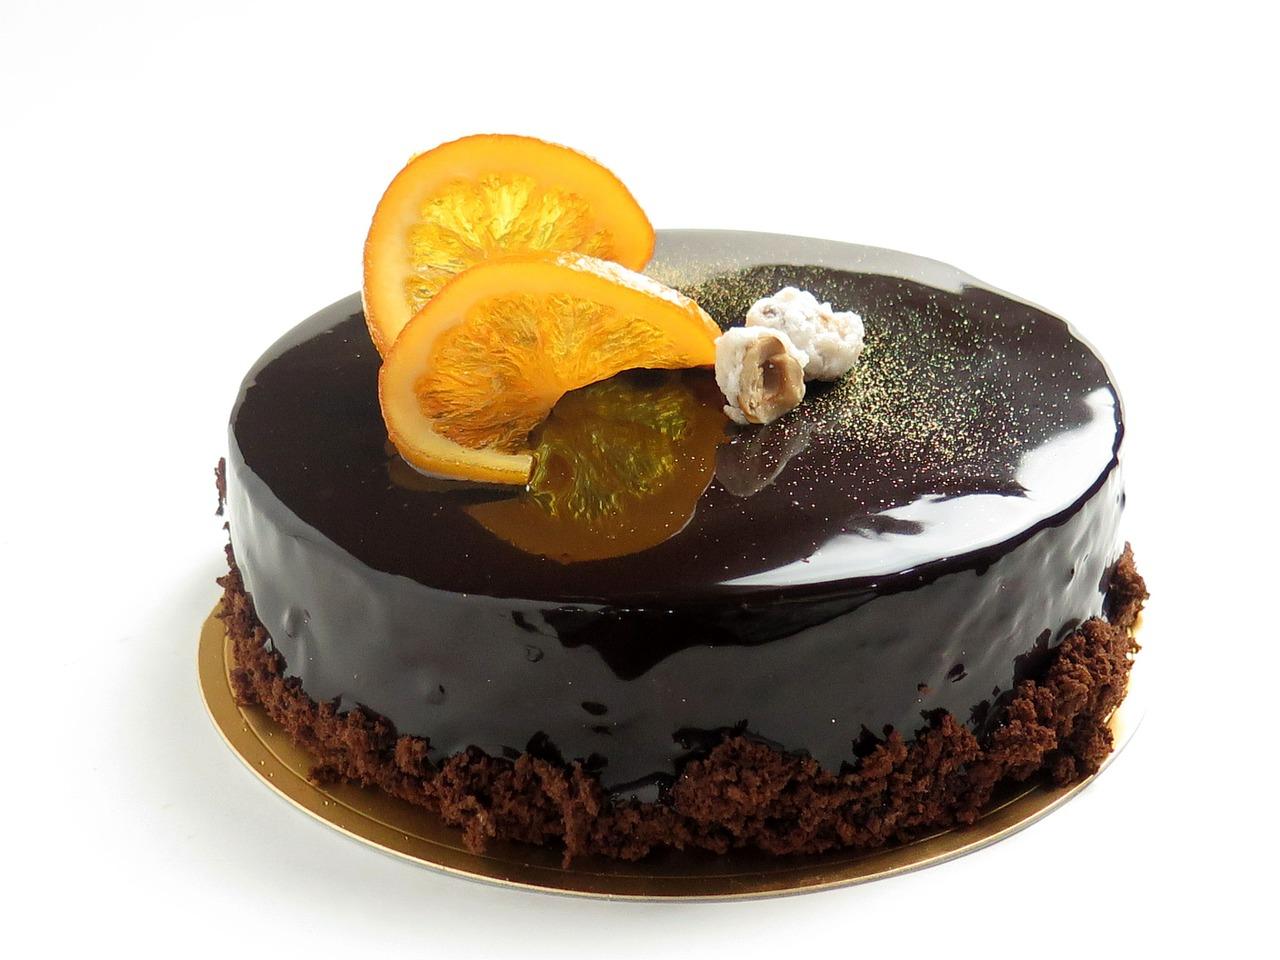 Návod: Jak na čokoládové polevy na dort a cukroví